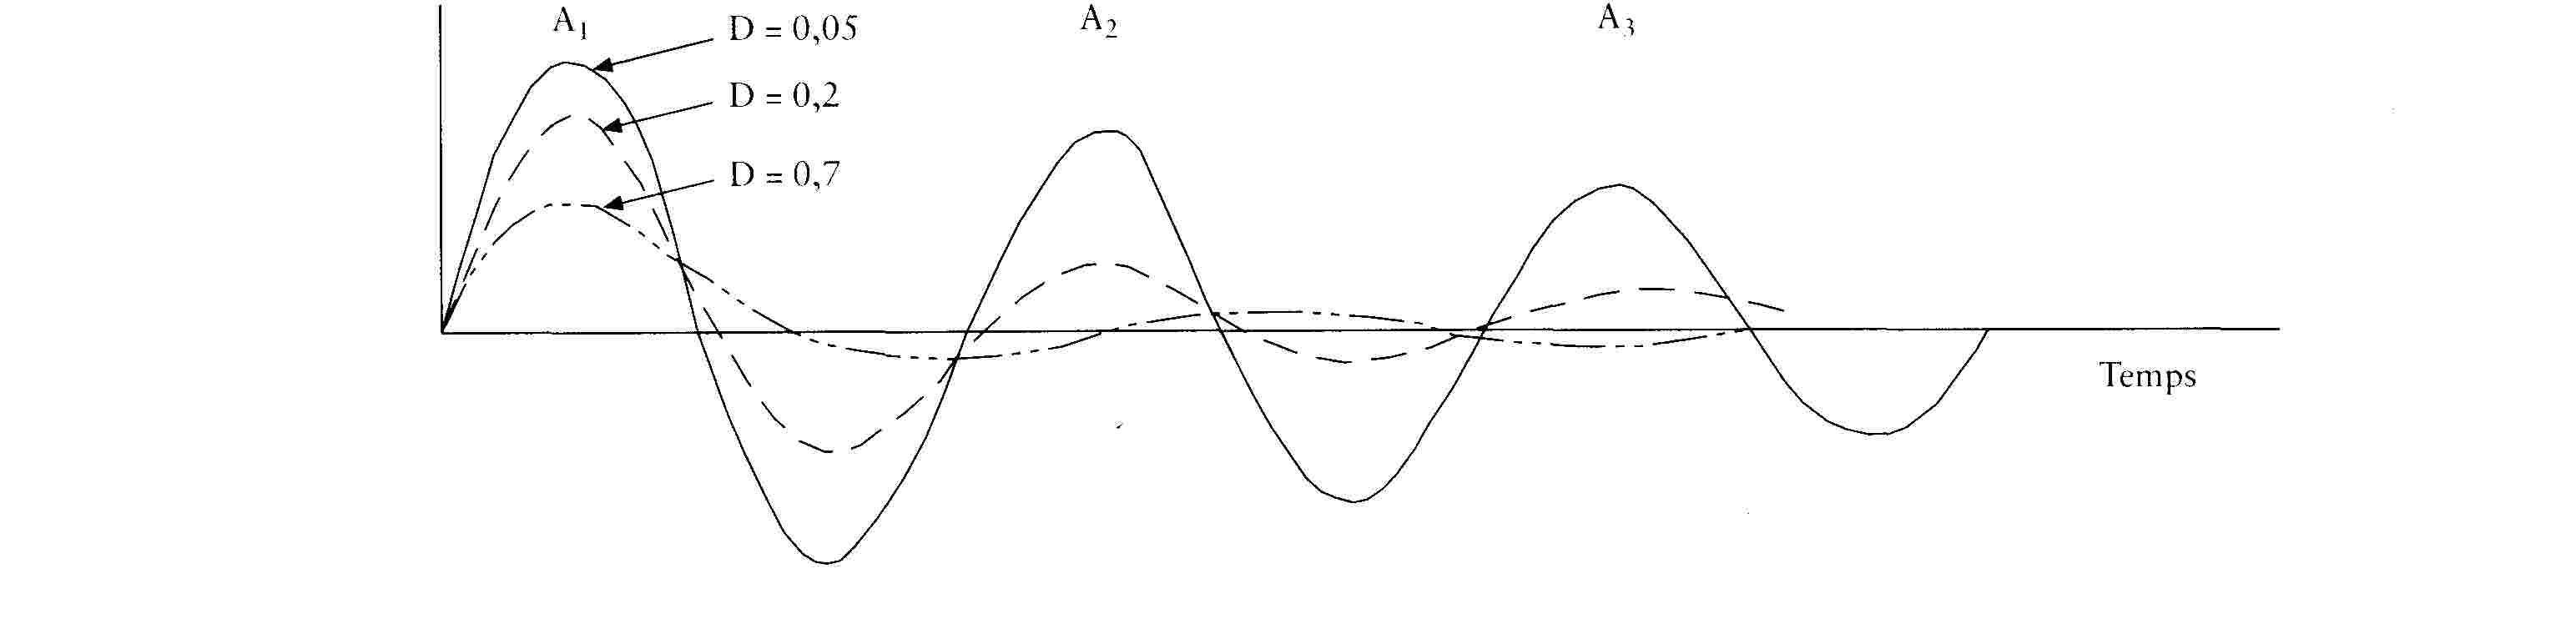 Crochet d'attelage de contrôle d'oscillation